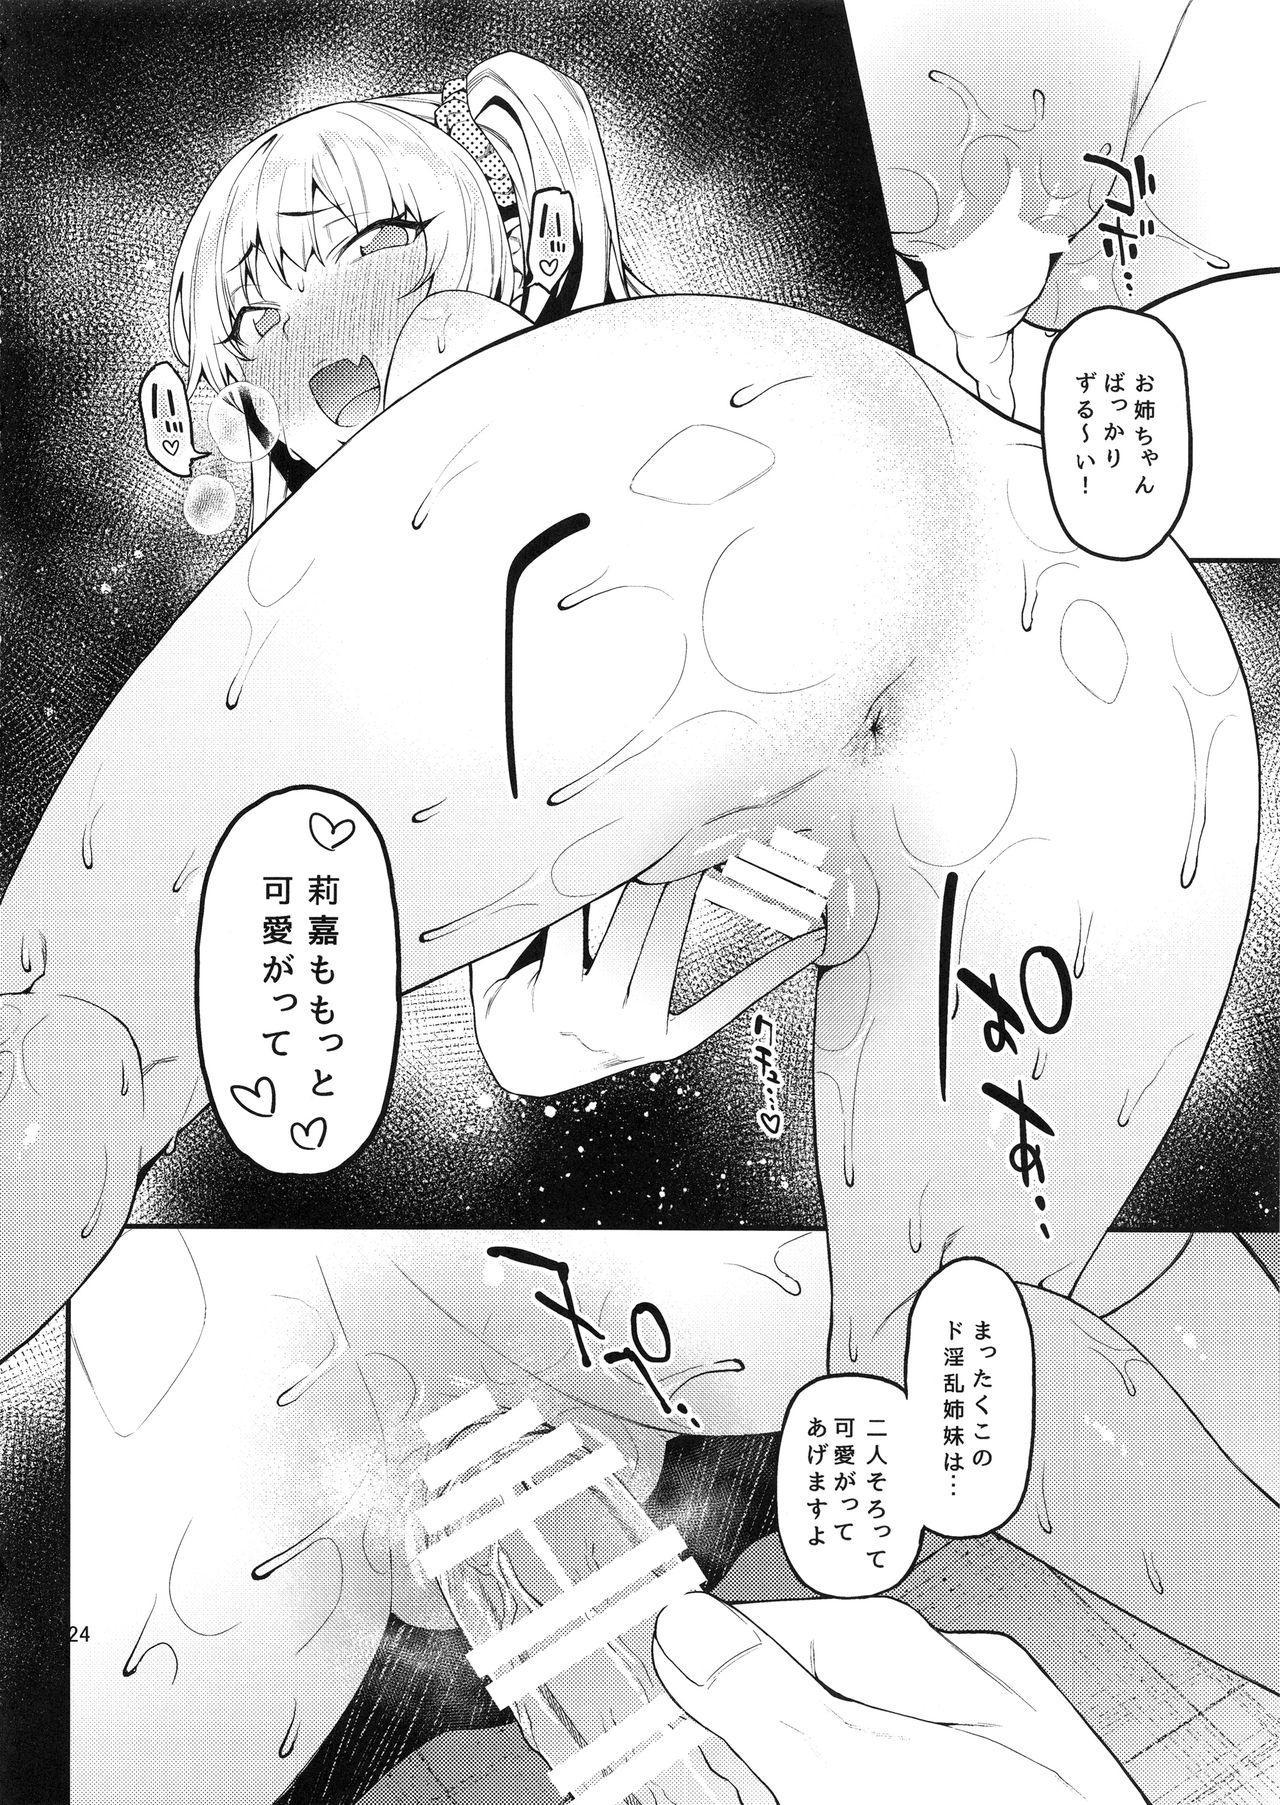 Rika, Shimai de Issho ni Mootto Otona ni Shiteageyou. 24